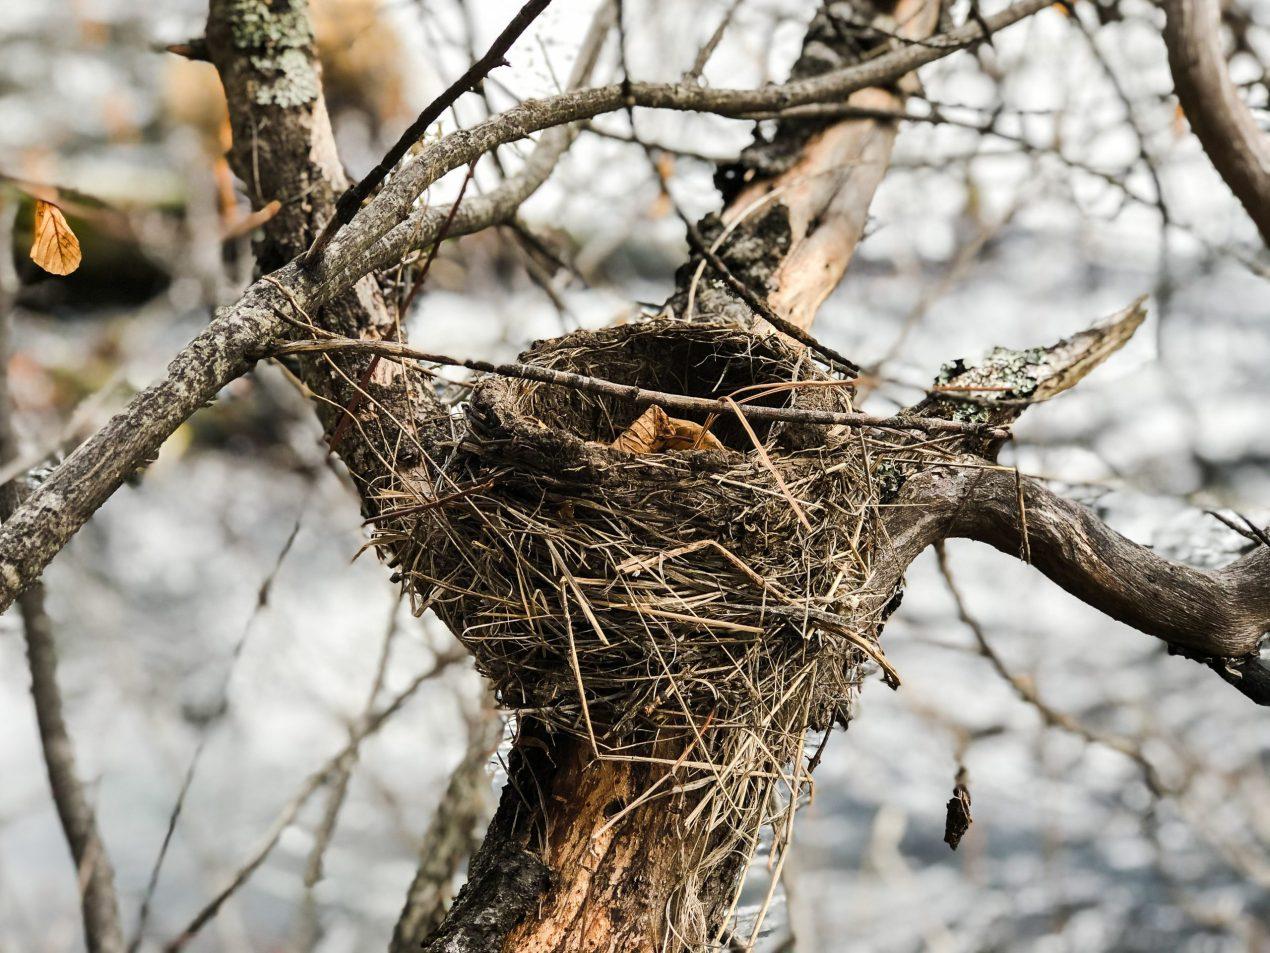 Nest in backyard habitat garden